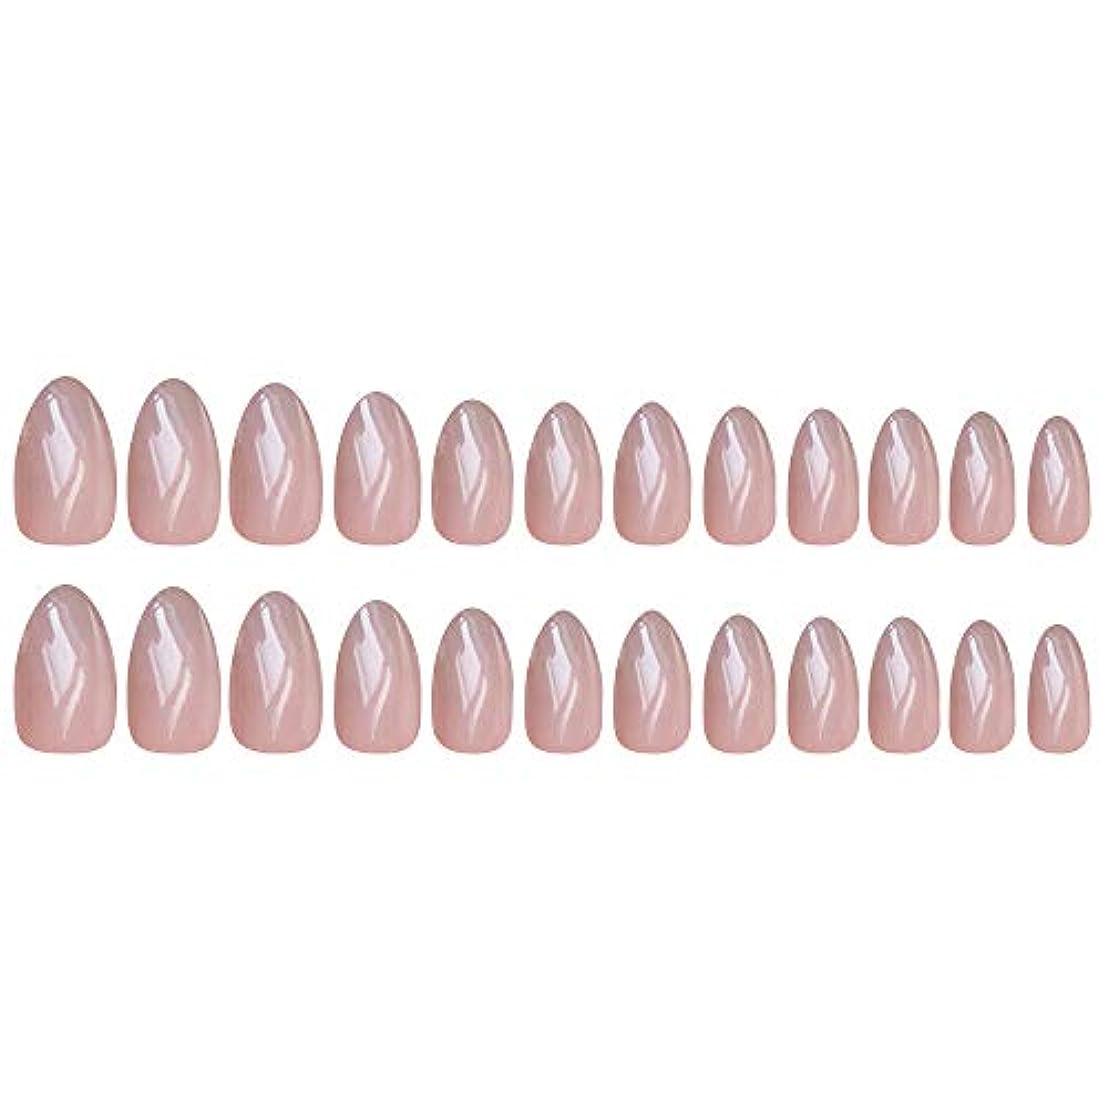 広範囲に頭痛アダルトDecdeal ネイルチップ 24ピース 12異なるサイズ diy サロン ネイルアートツール